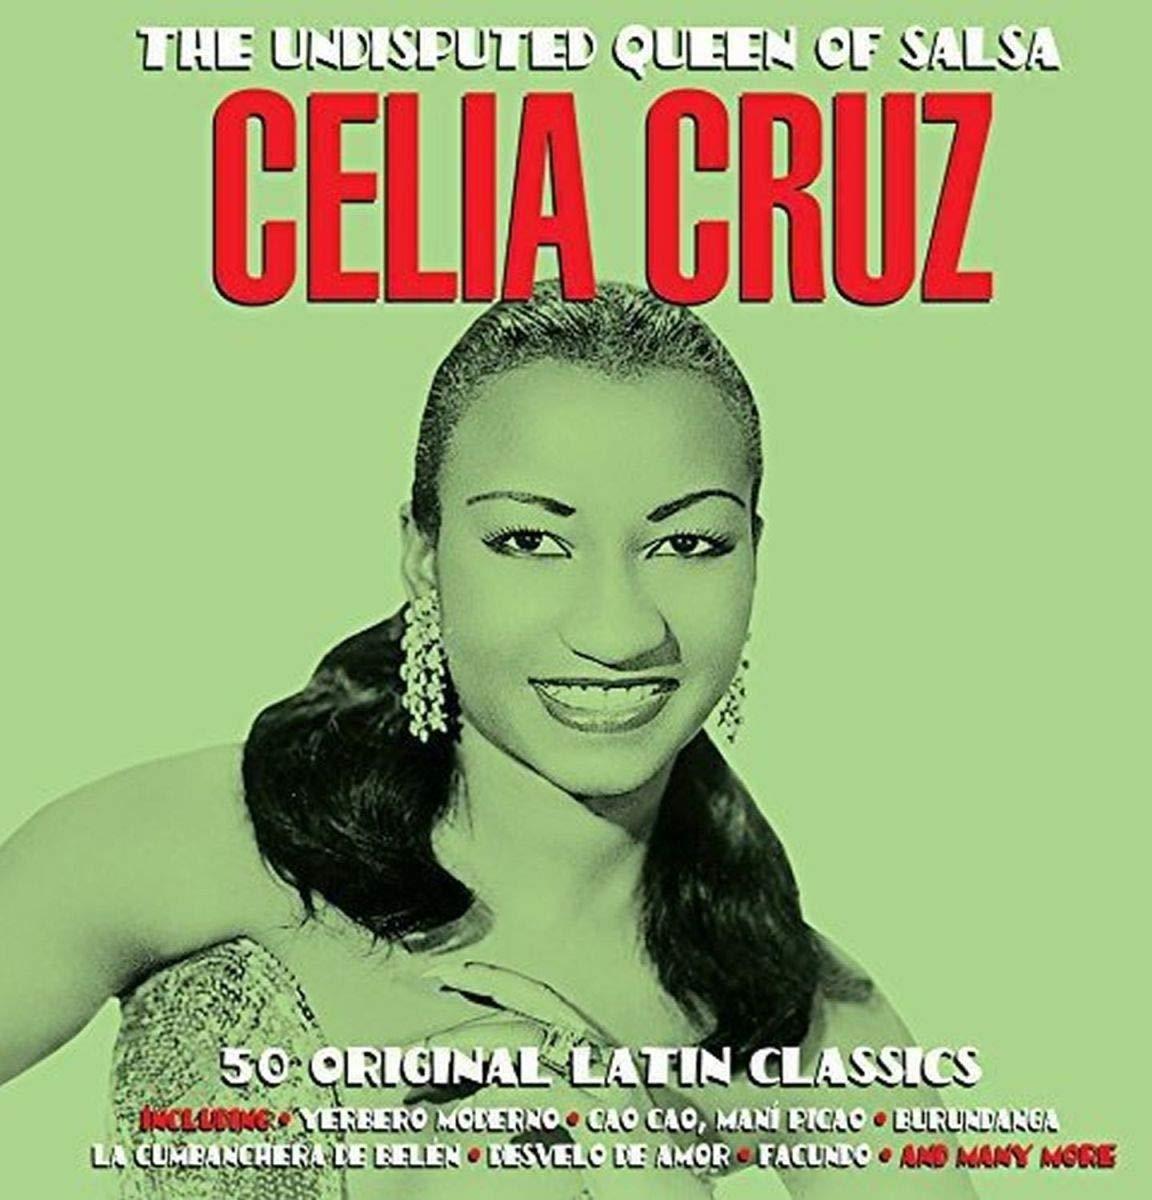 Celia Cruz – The Undisputed Queen Of Salsa (2014) [FLAC]